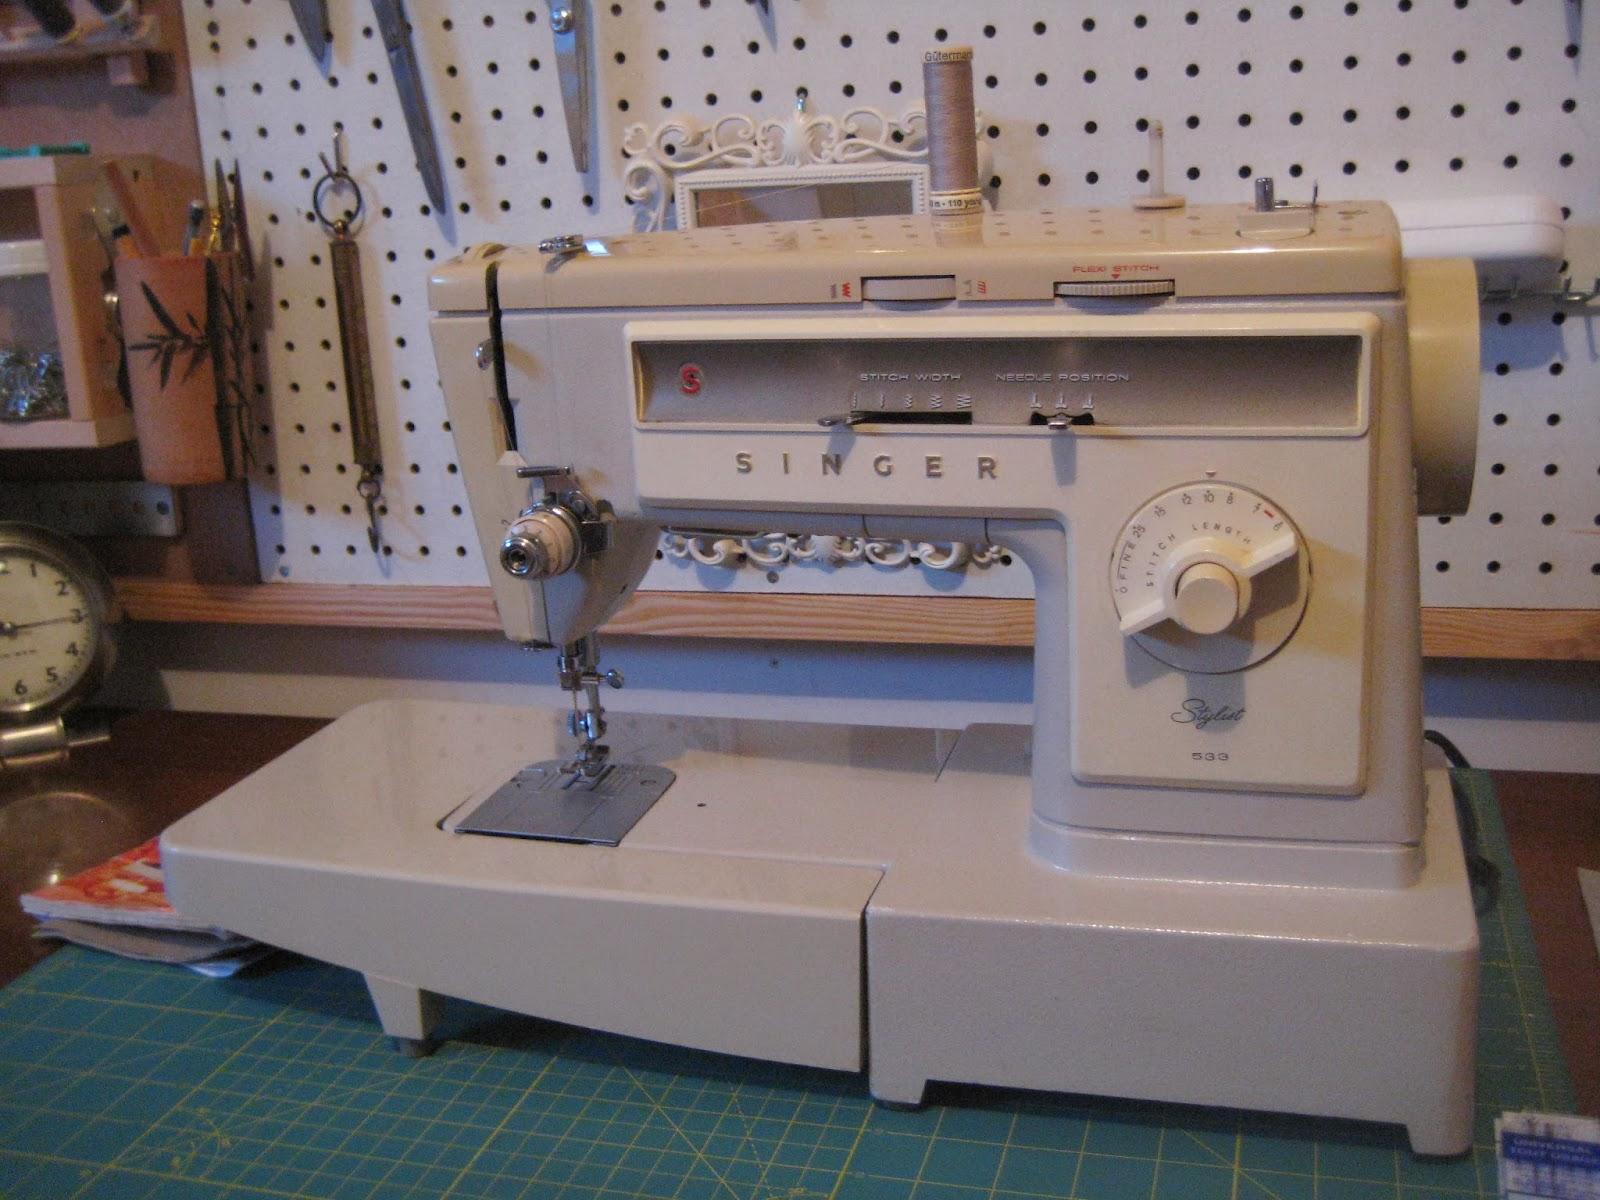 singer sewing machine 3343c